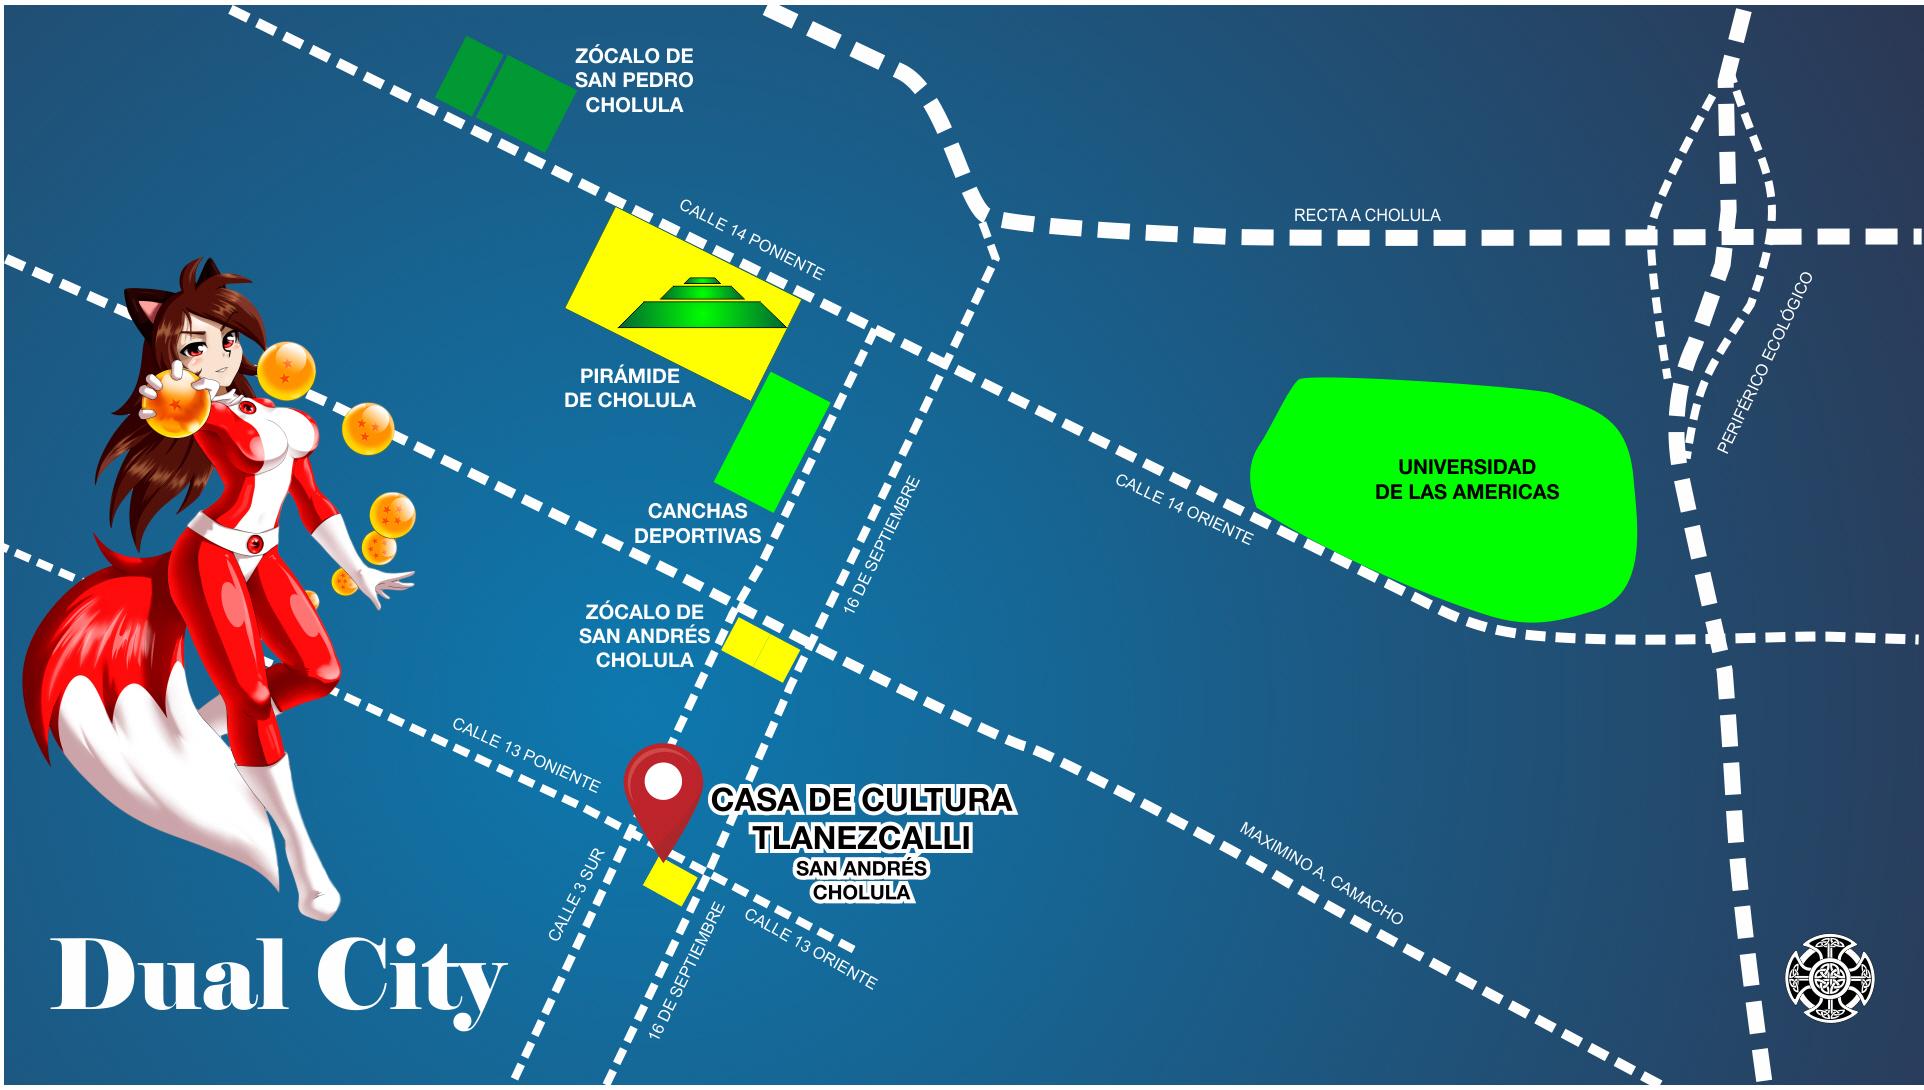 Plano para llegar a la Expo Anime Dual City en la Casa de la Cultura de San Andres Cholula